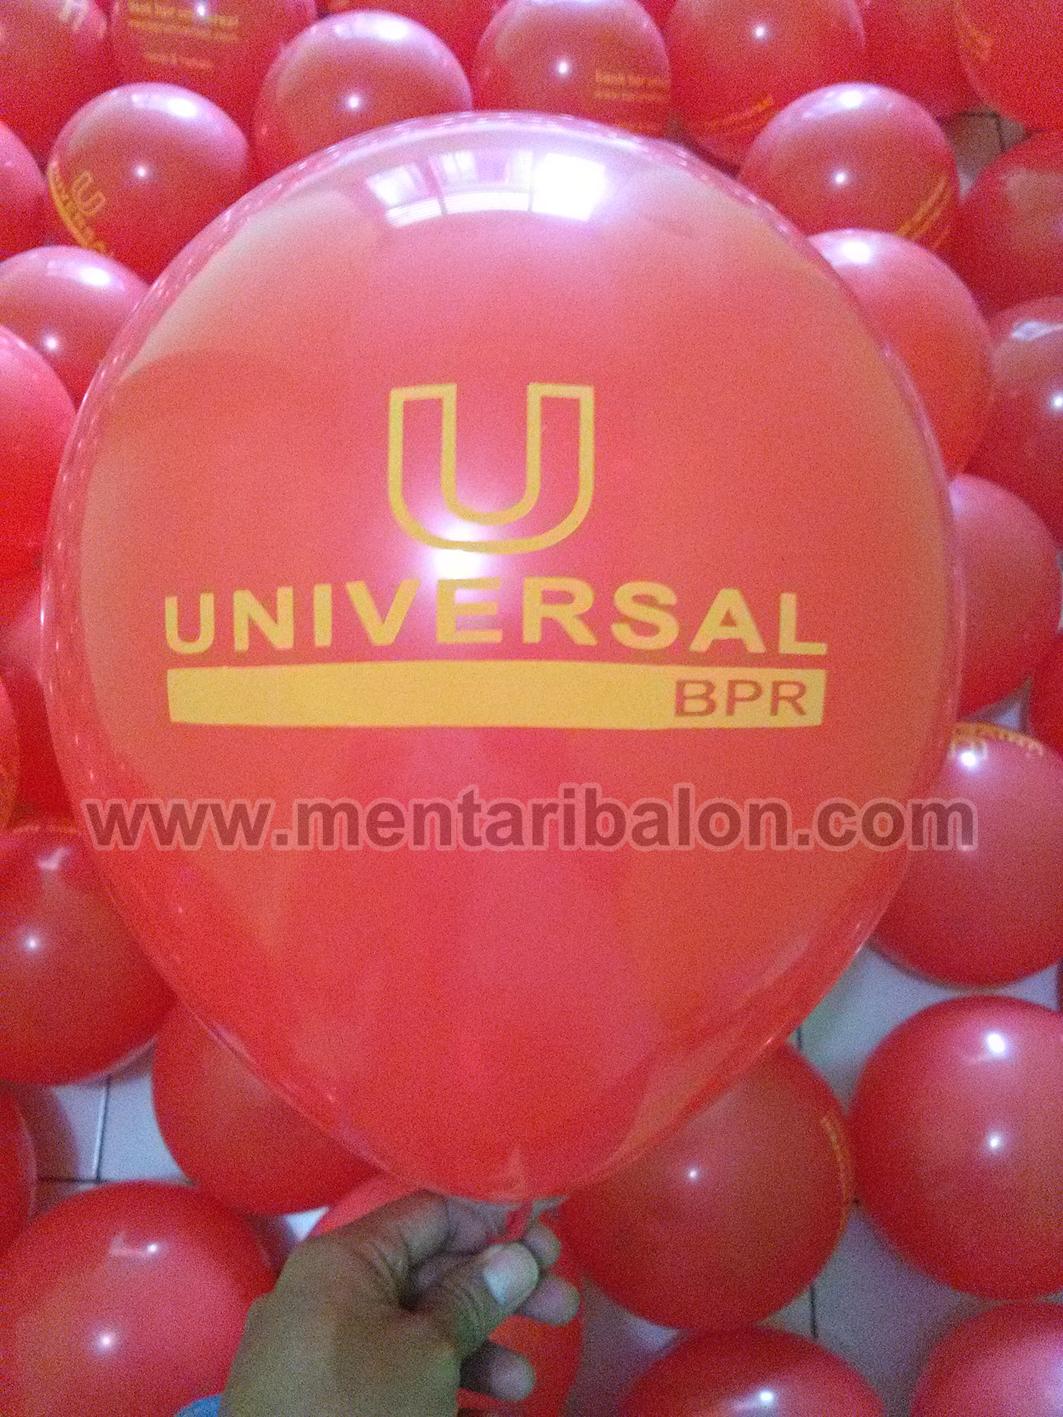 balon sablon universal